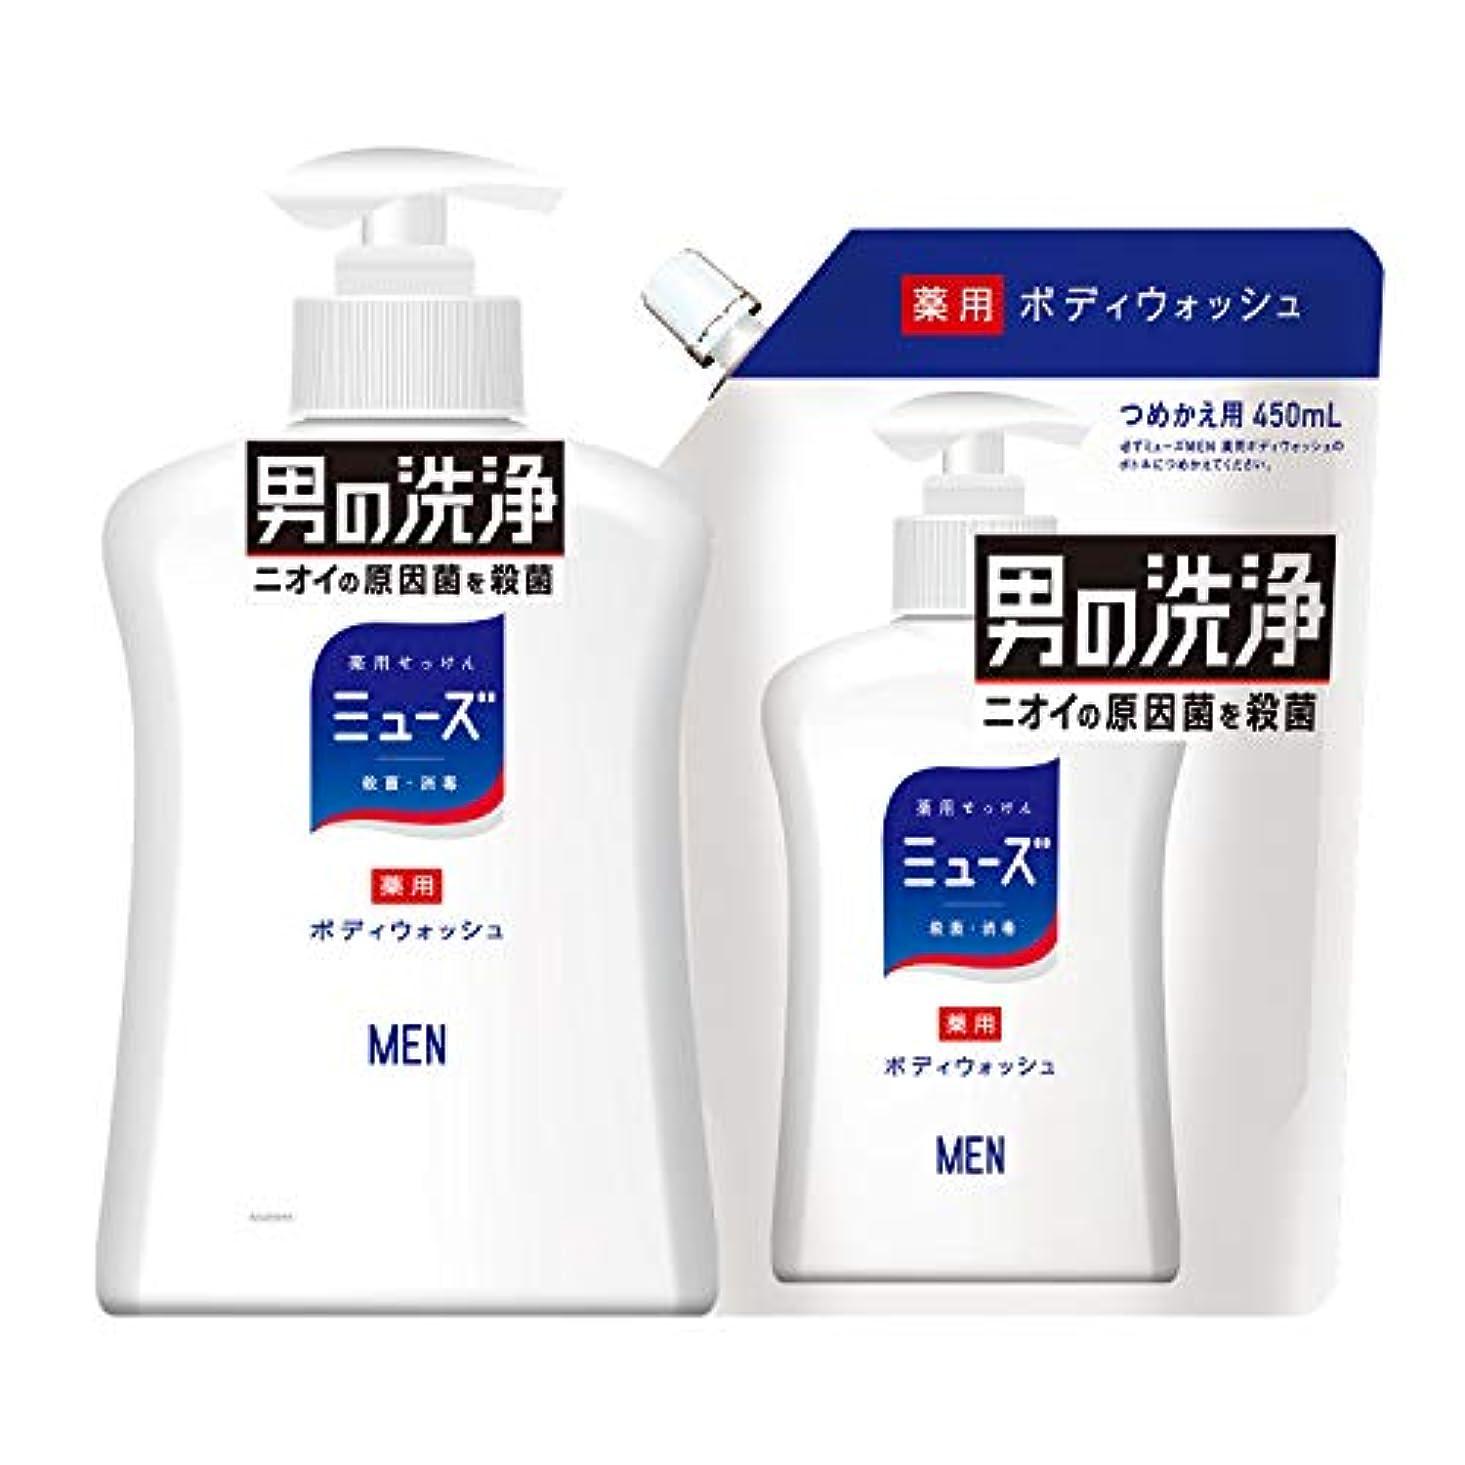 【医薬部外品】ミューズメン ボディーウオッシュ ボトル 500ml + 詰め替え 450ml ボディソープ 消臭